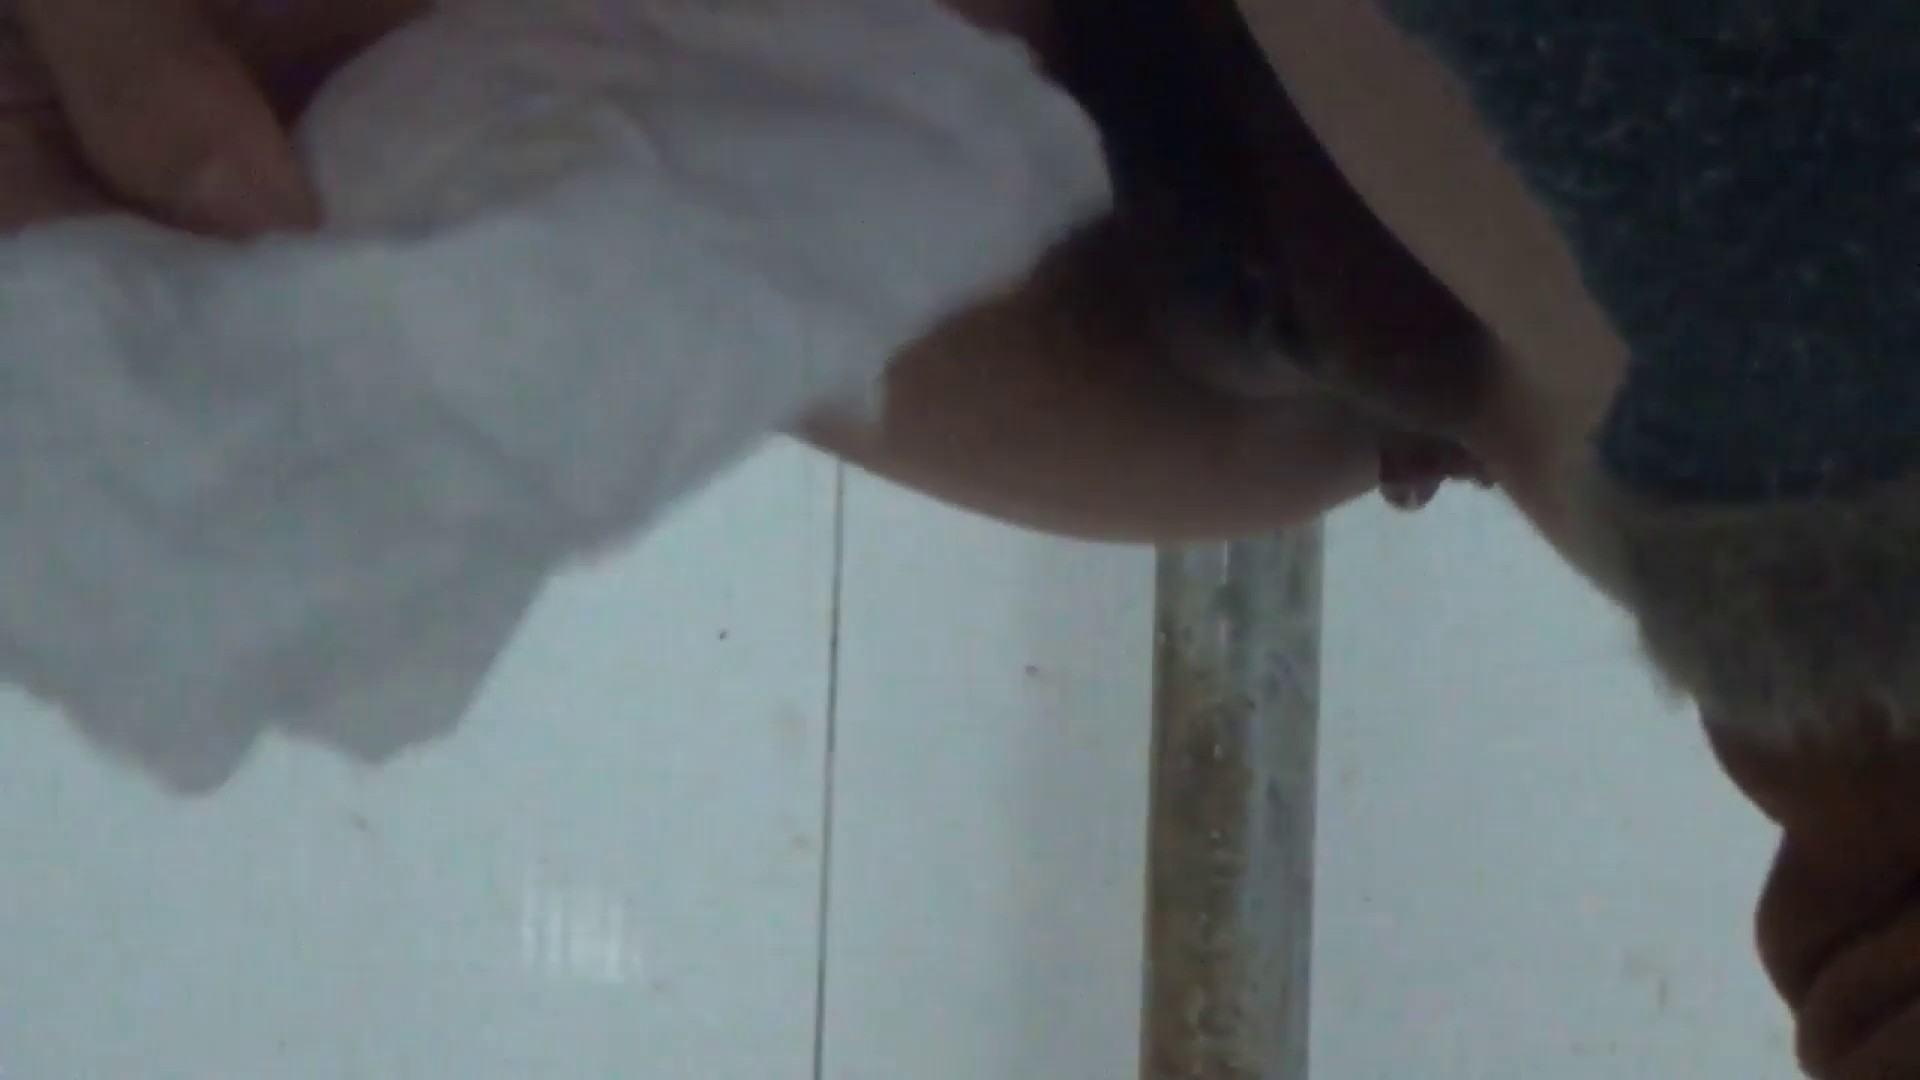 JD盗撮 美女の洗面所の秘密 Vol.59 高評価 すけべAV動画紹介 62画像 52